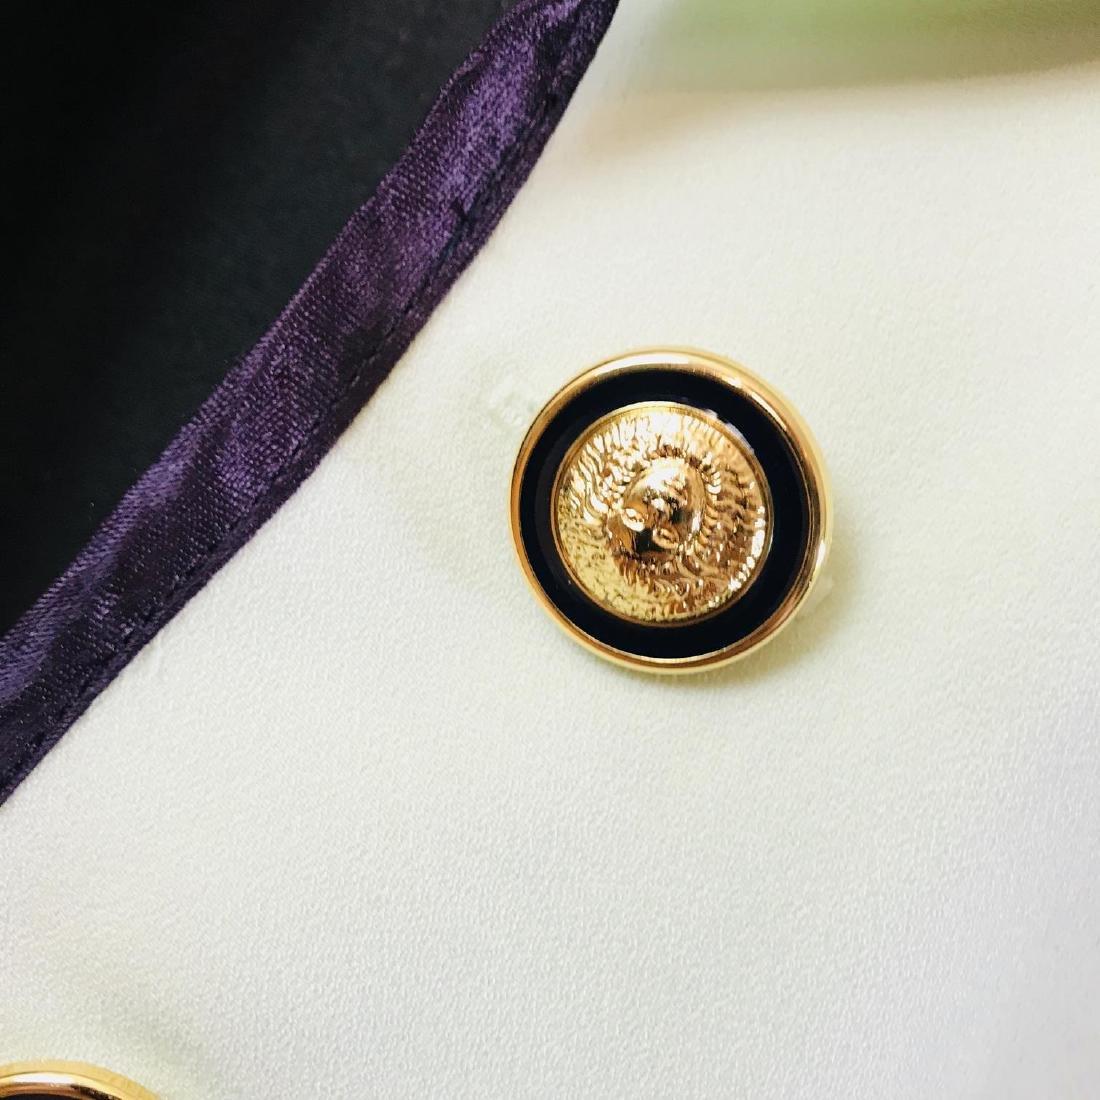 Vintage Women's Eurofashion Jacket Blazer Size US 12 - 4